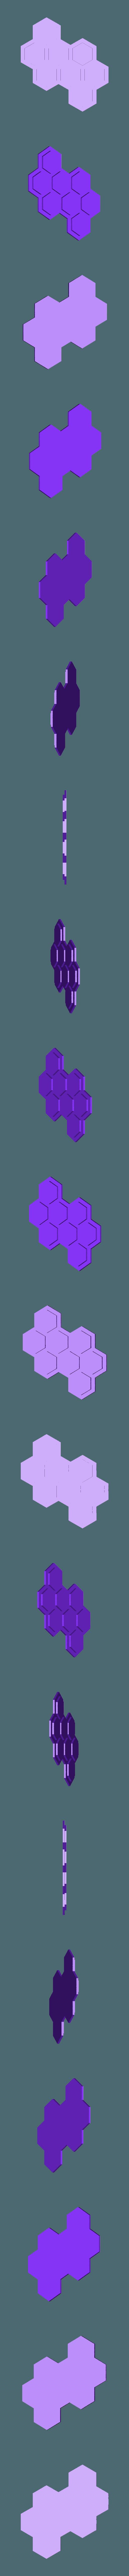 Deco_exagone.STL Download STL file Décoration Hexagone / nid d'abeille • 3D printing object, ZebOctets